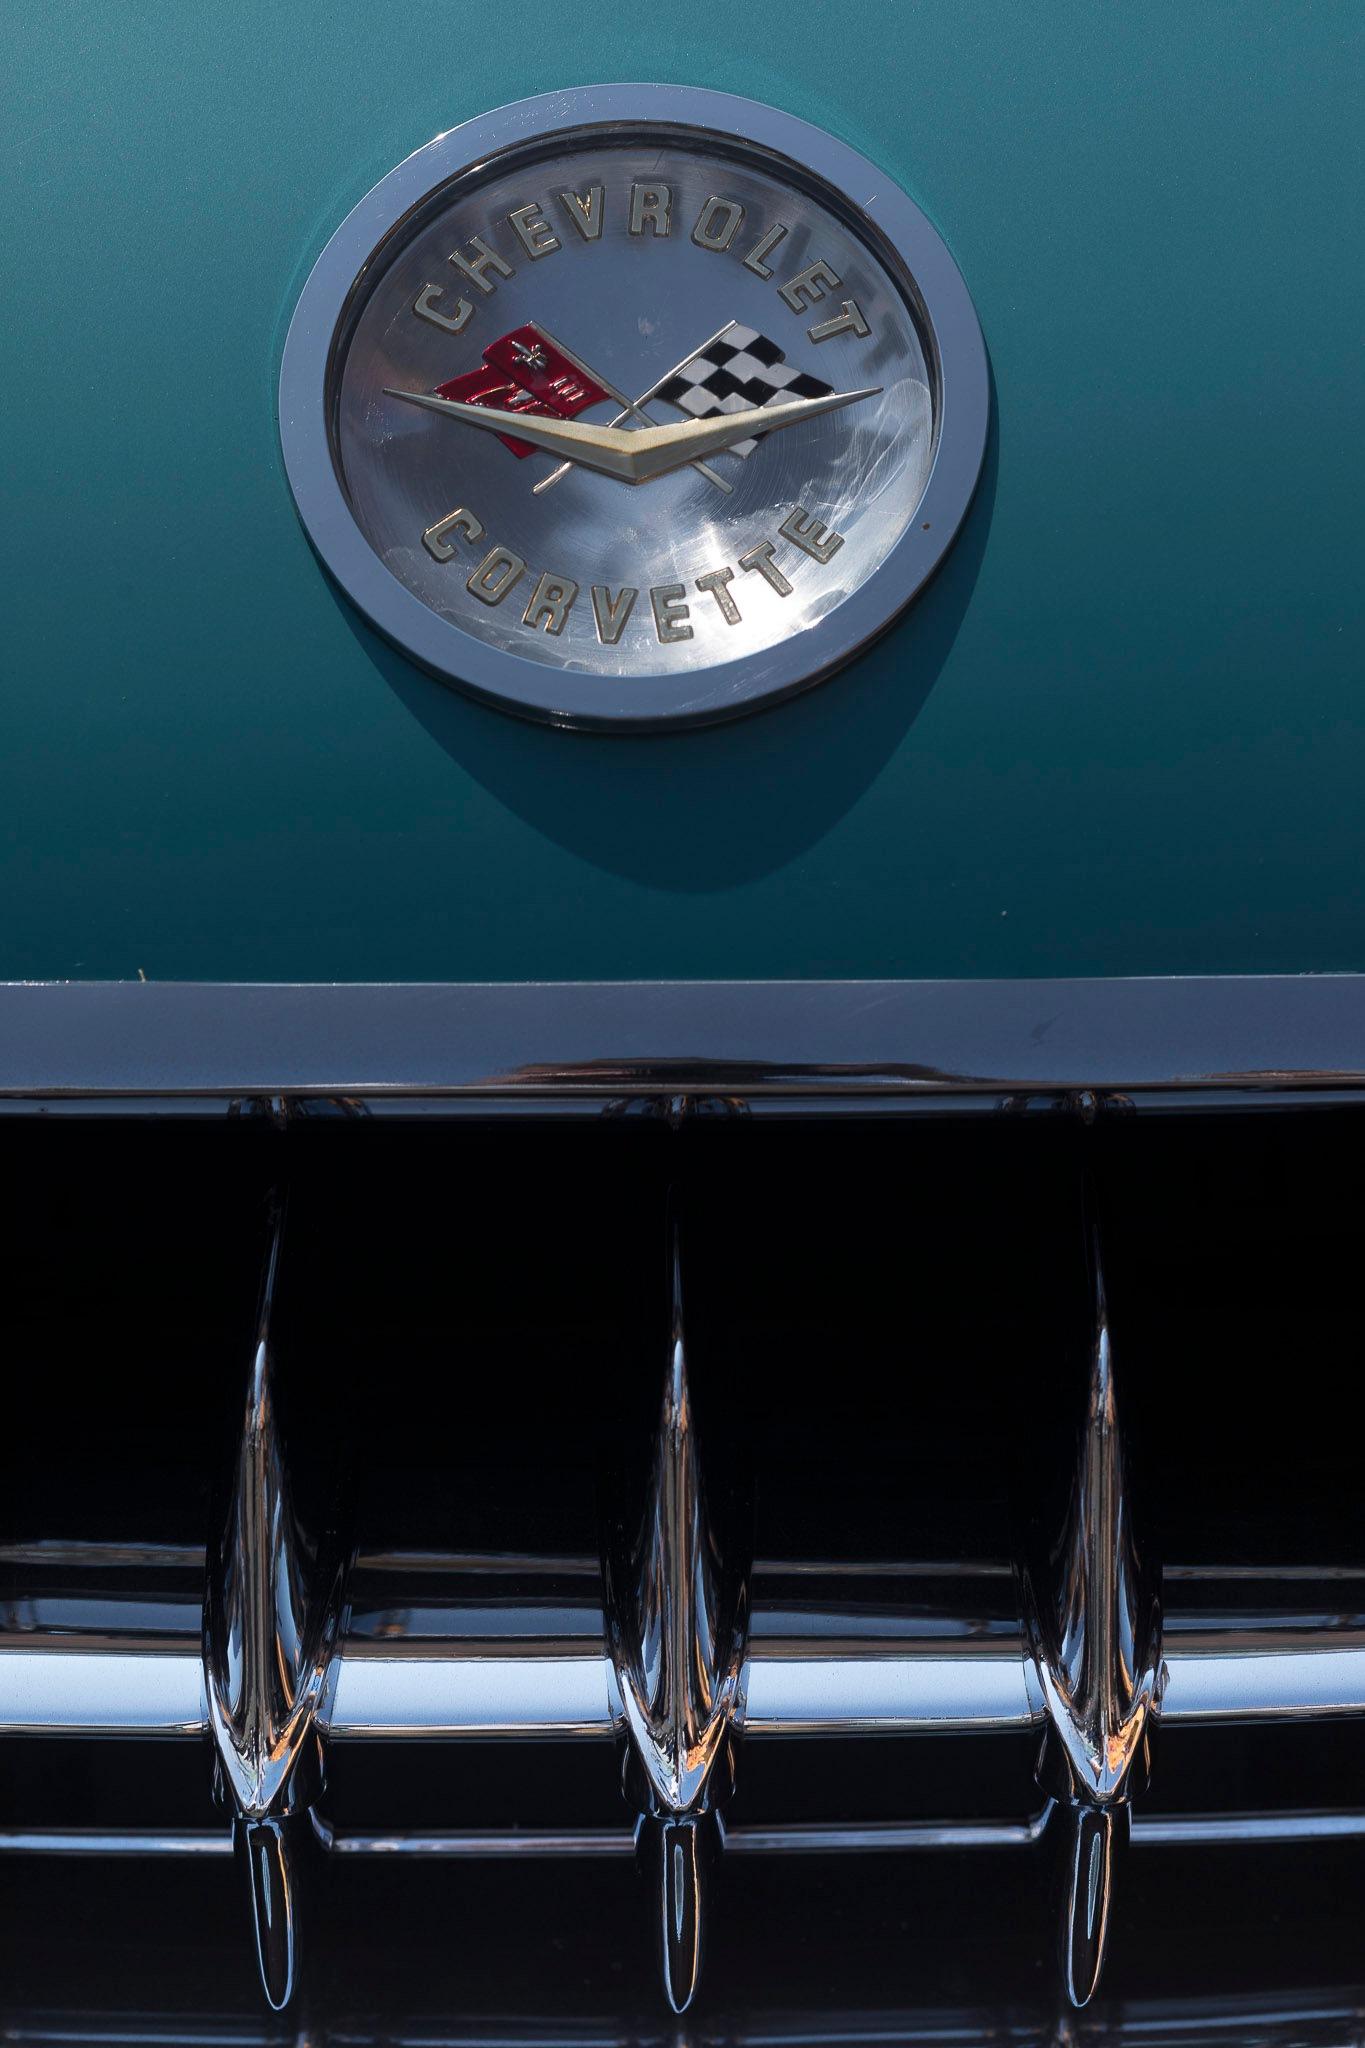 Corvette by effjot